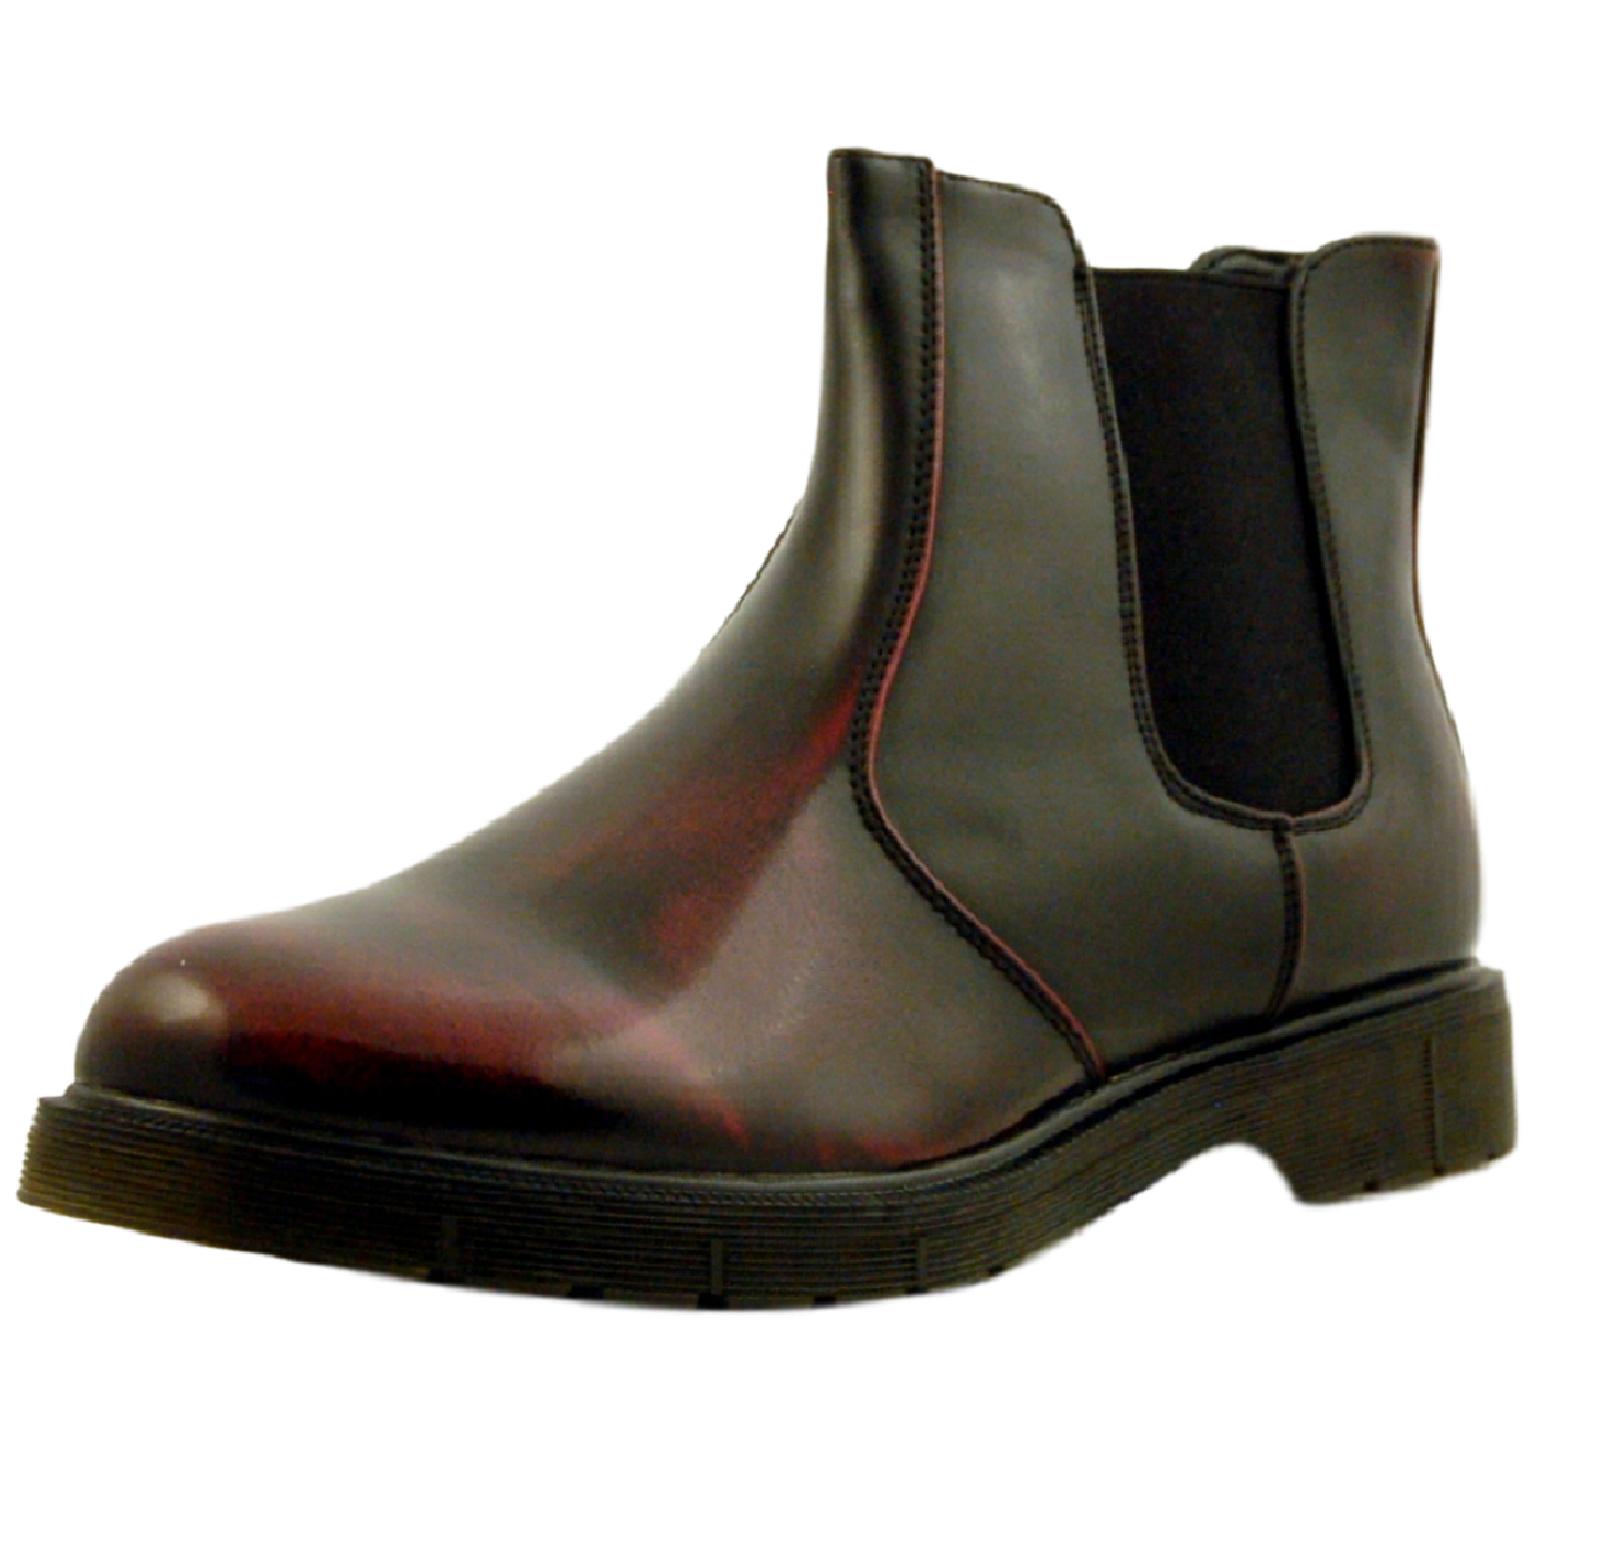 Stivaletti-Uomo-Scarpe-Eleganti-Casual-Stivali-Blu-Nero-eco-Tronchetto-eco-pelle miniatura 9